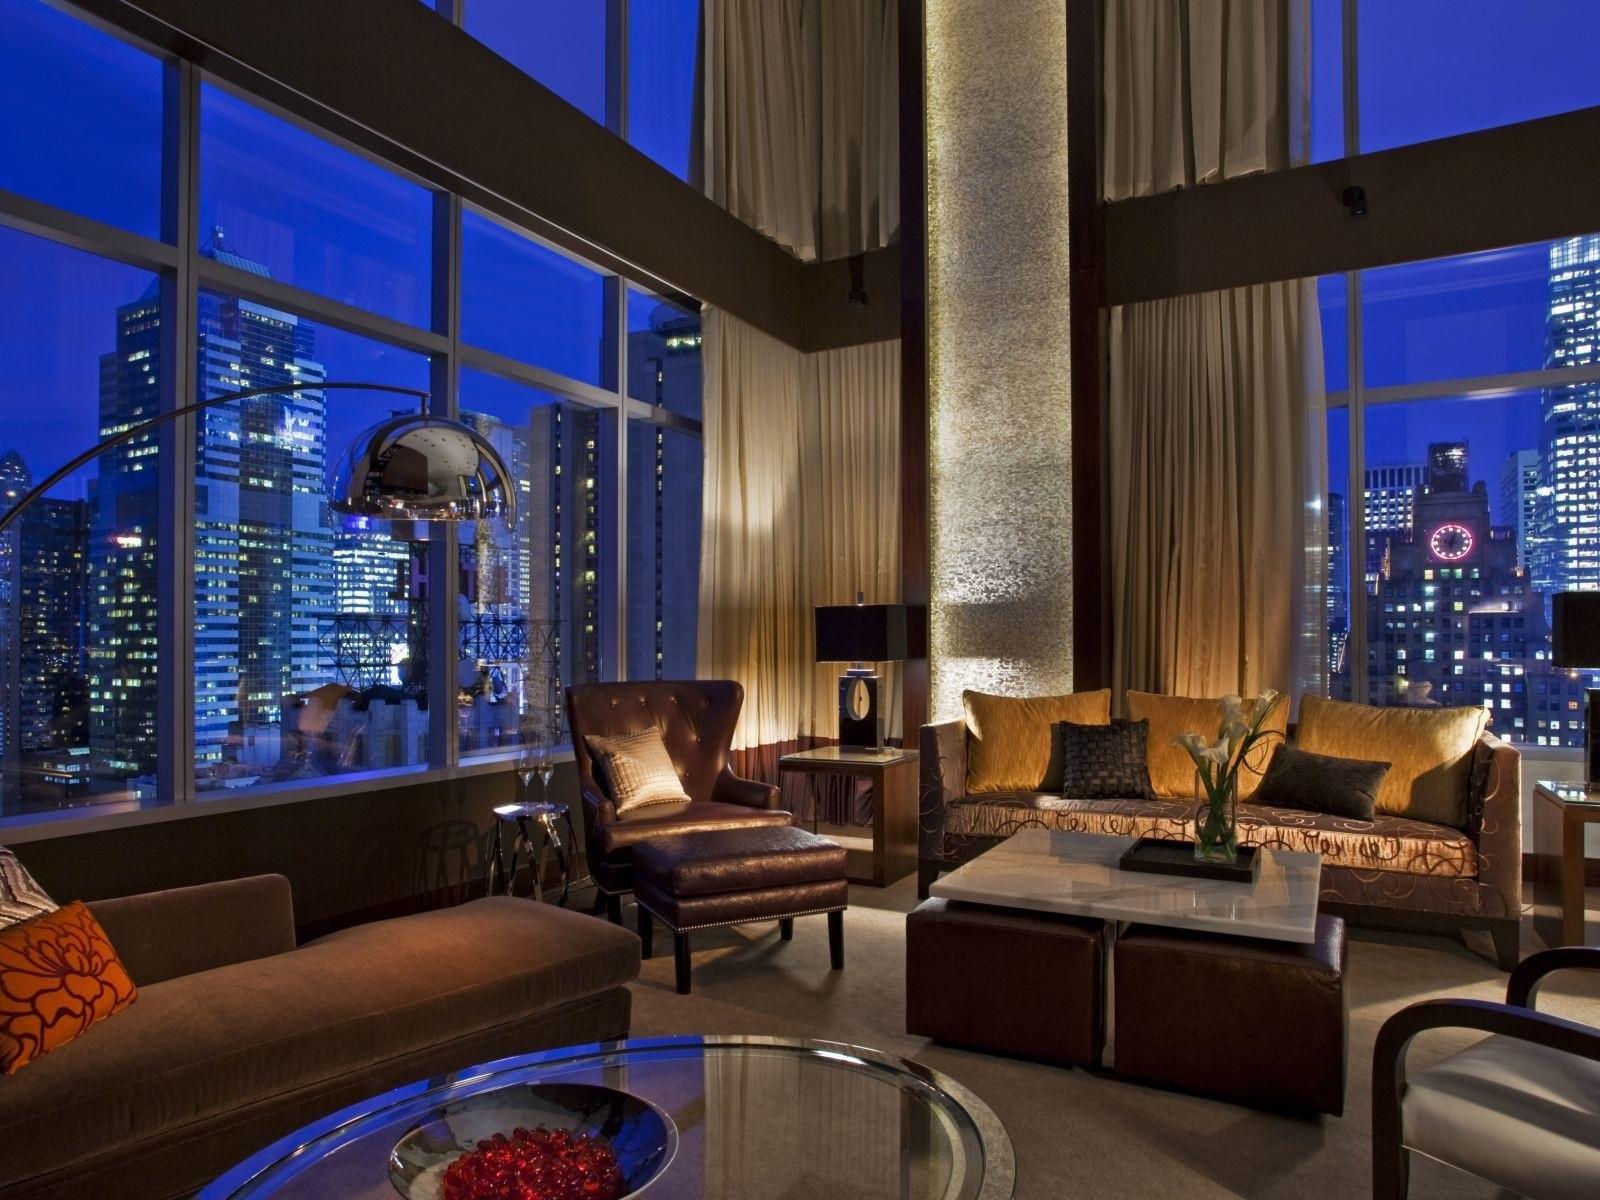 Interior sofa fenster wohnzimmer hintergrundbilder for Interior wohnzimmer